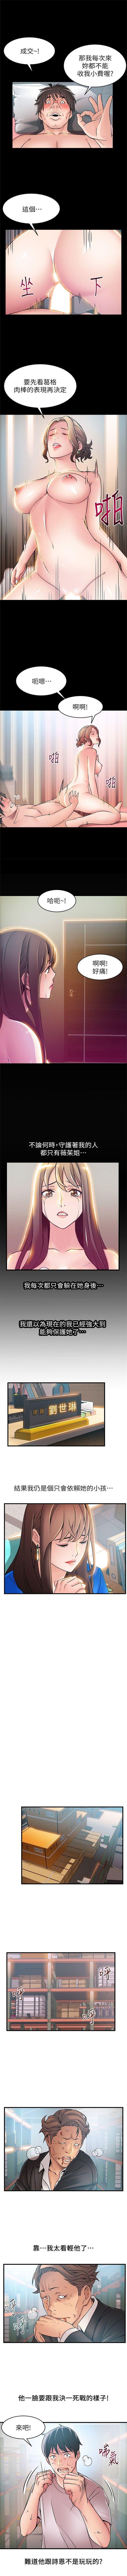 (週7)弱點 1-76 中文翻譯(更新中) 175